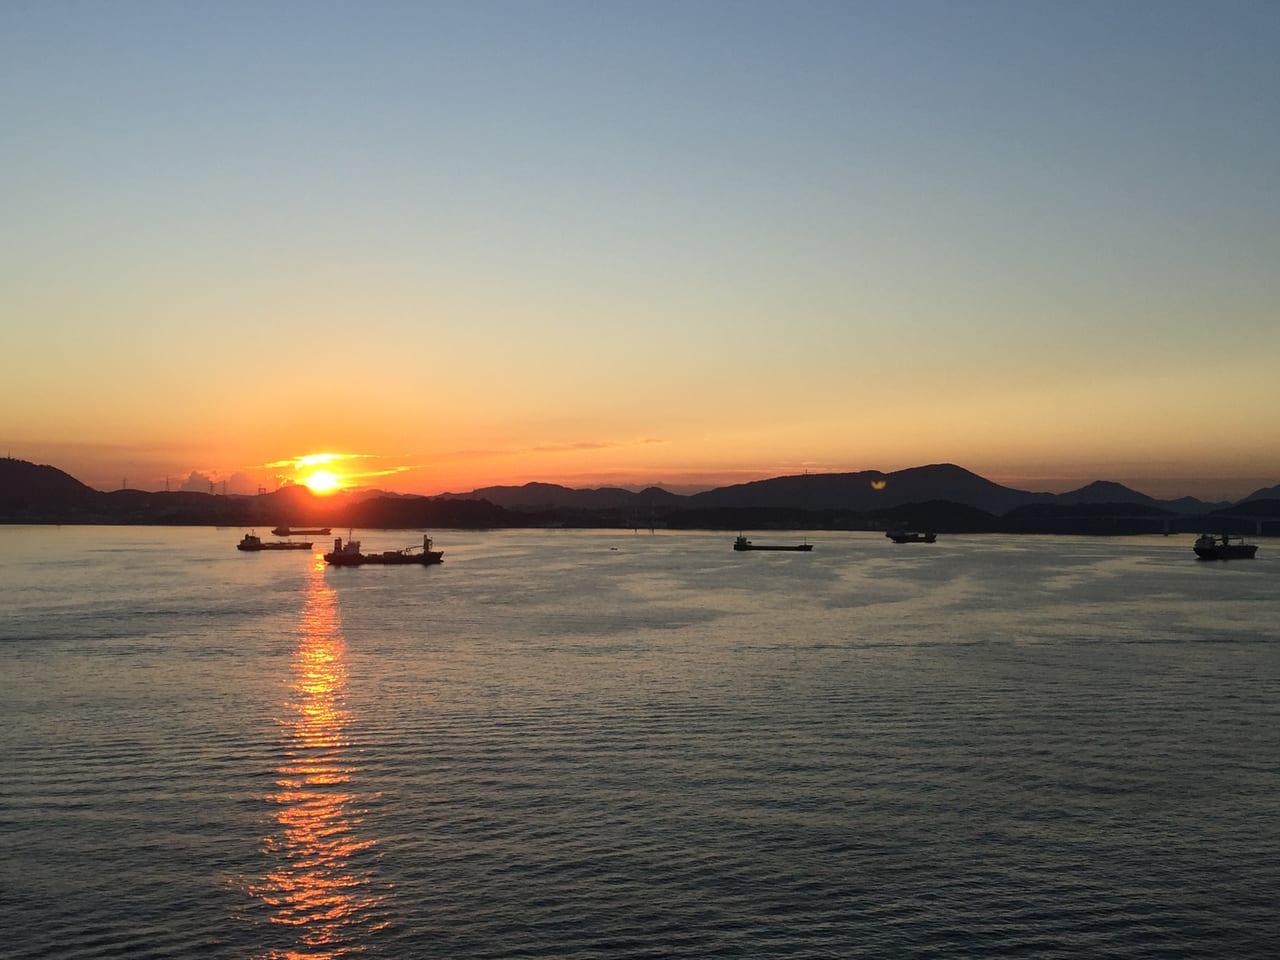 関門海峡を航行する船上から日の出を臨む。